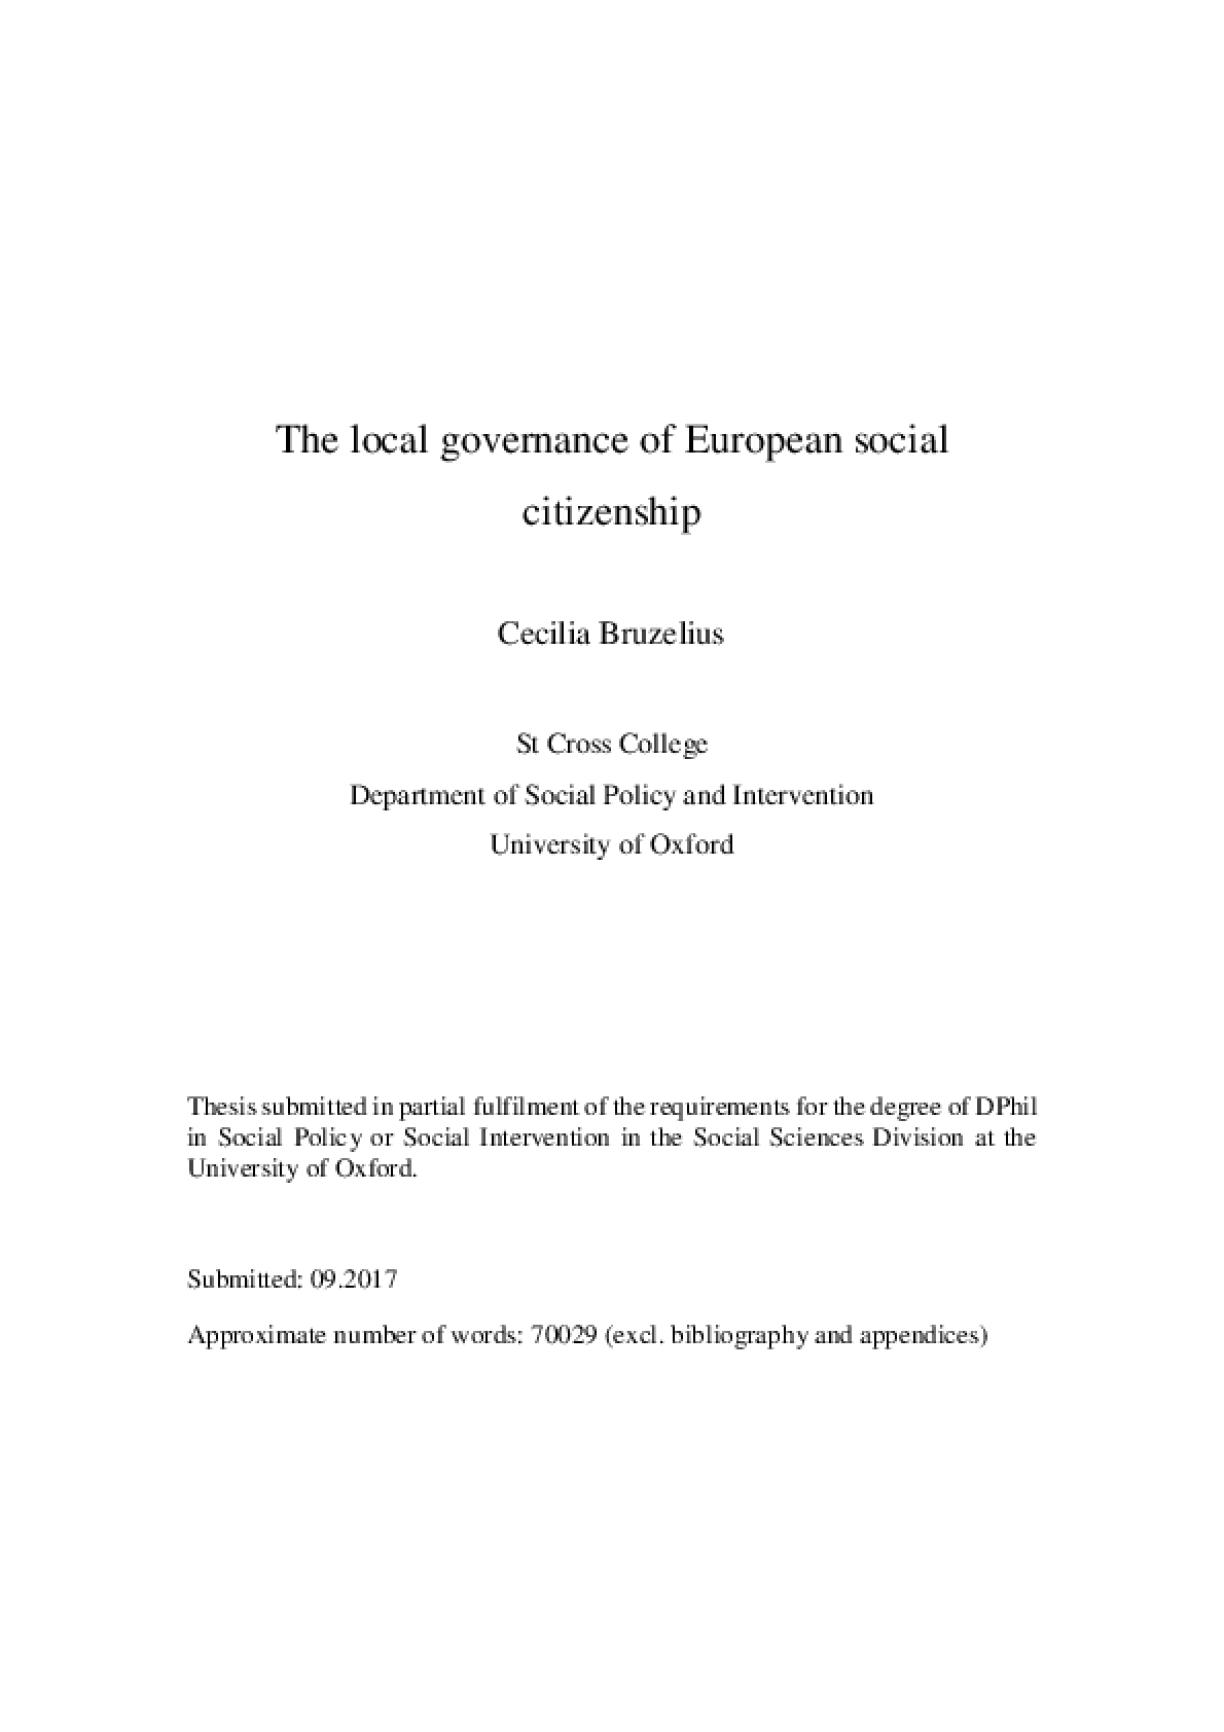 The Local Governance of European Social Citizenship